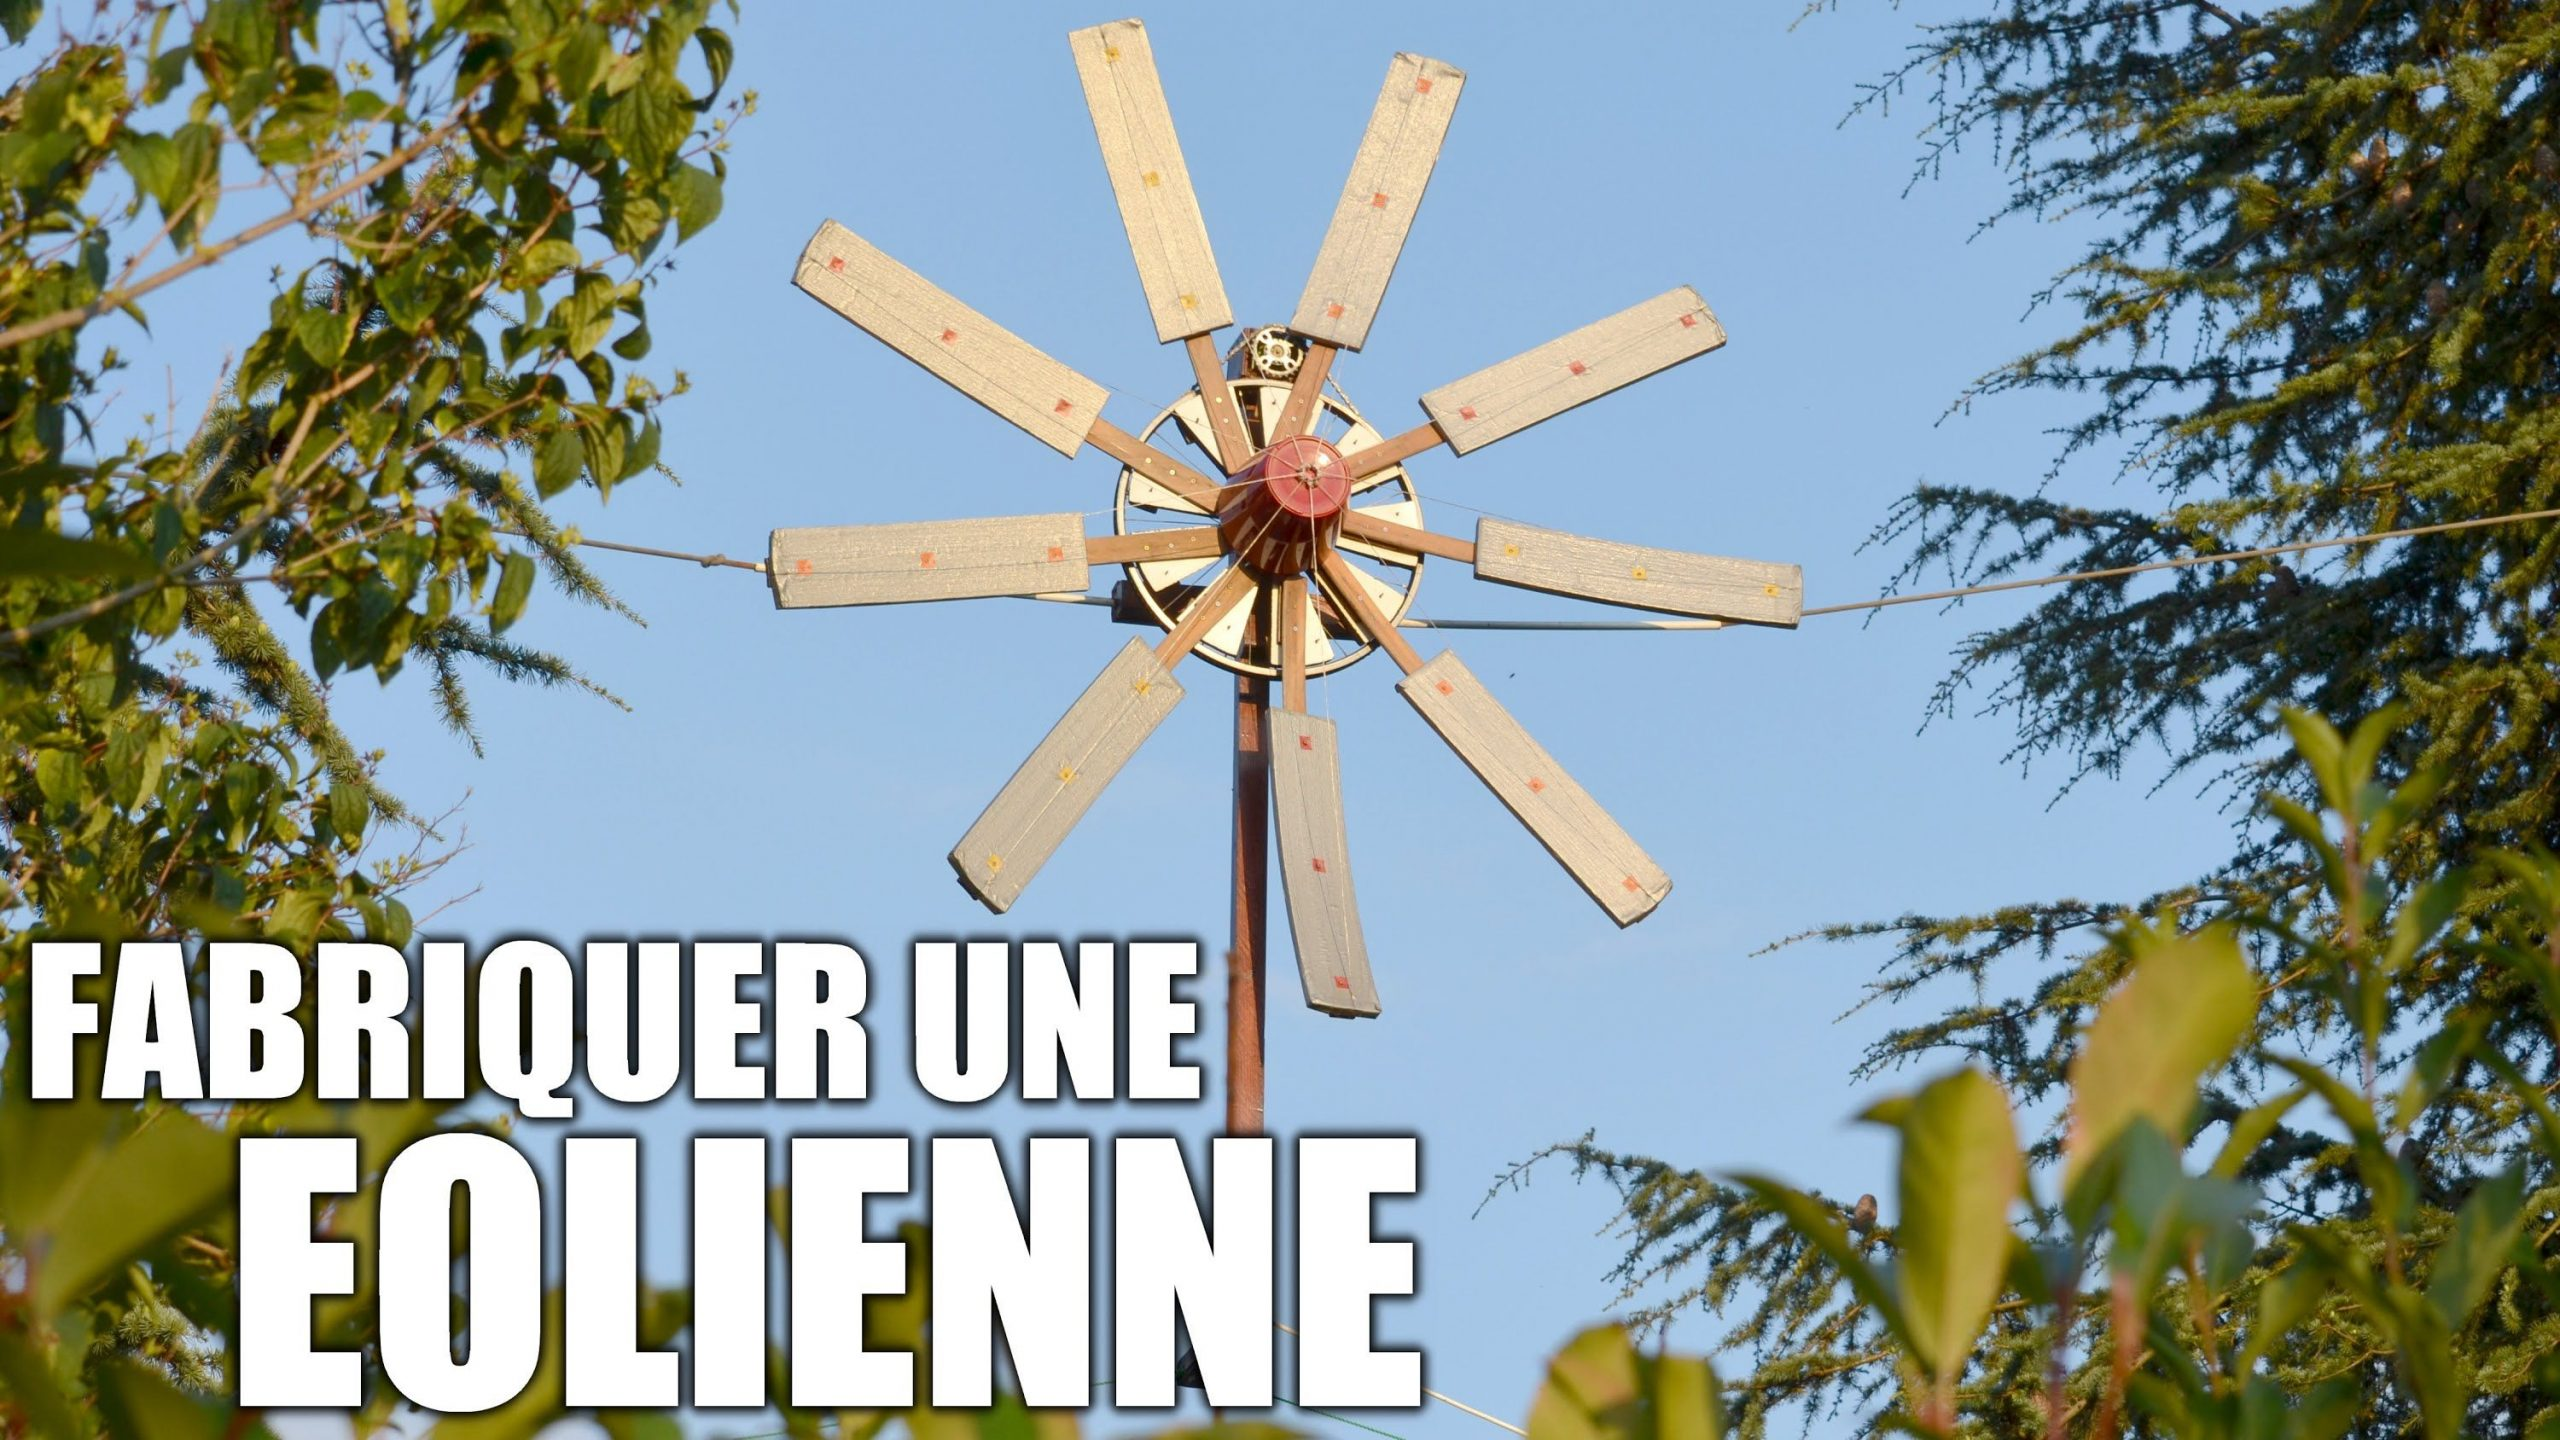 Fabriquer Une Éolienne : Incroyables Expériences [85 ... dedans Eolienne Jardin